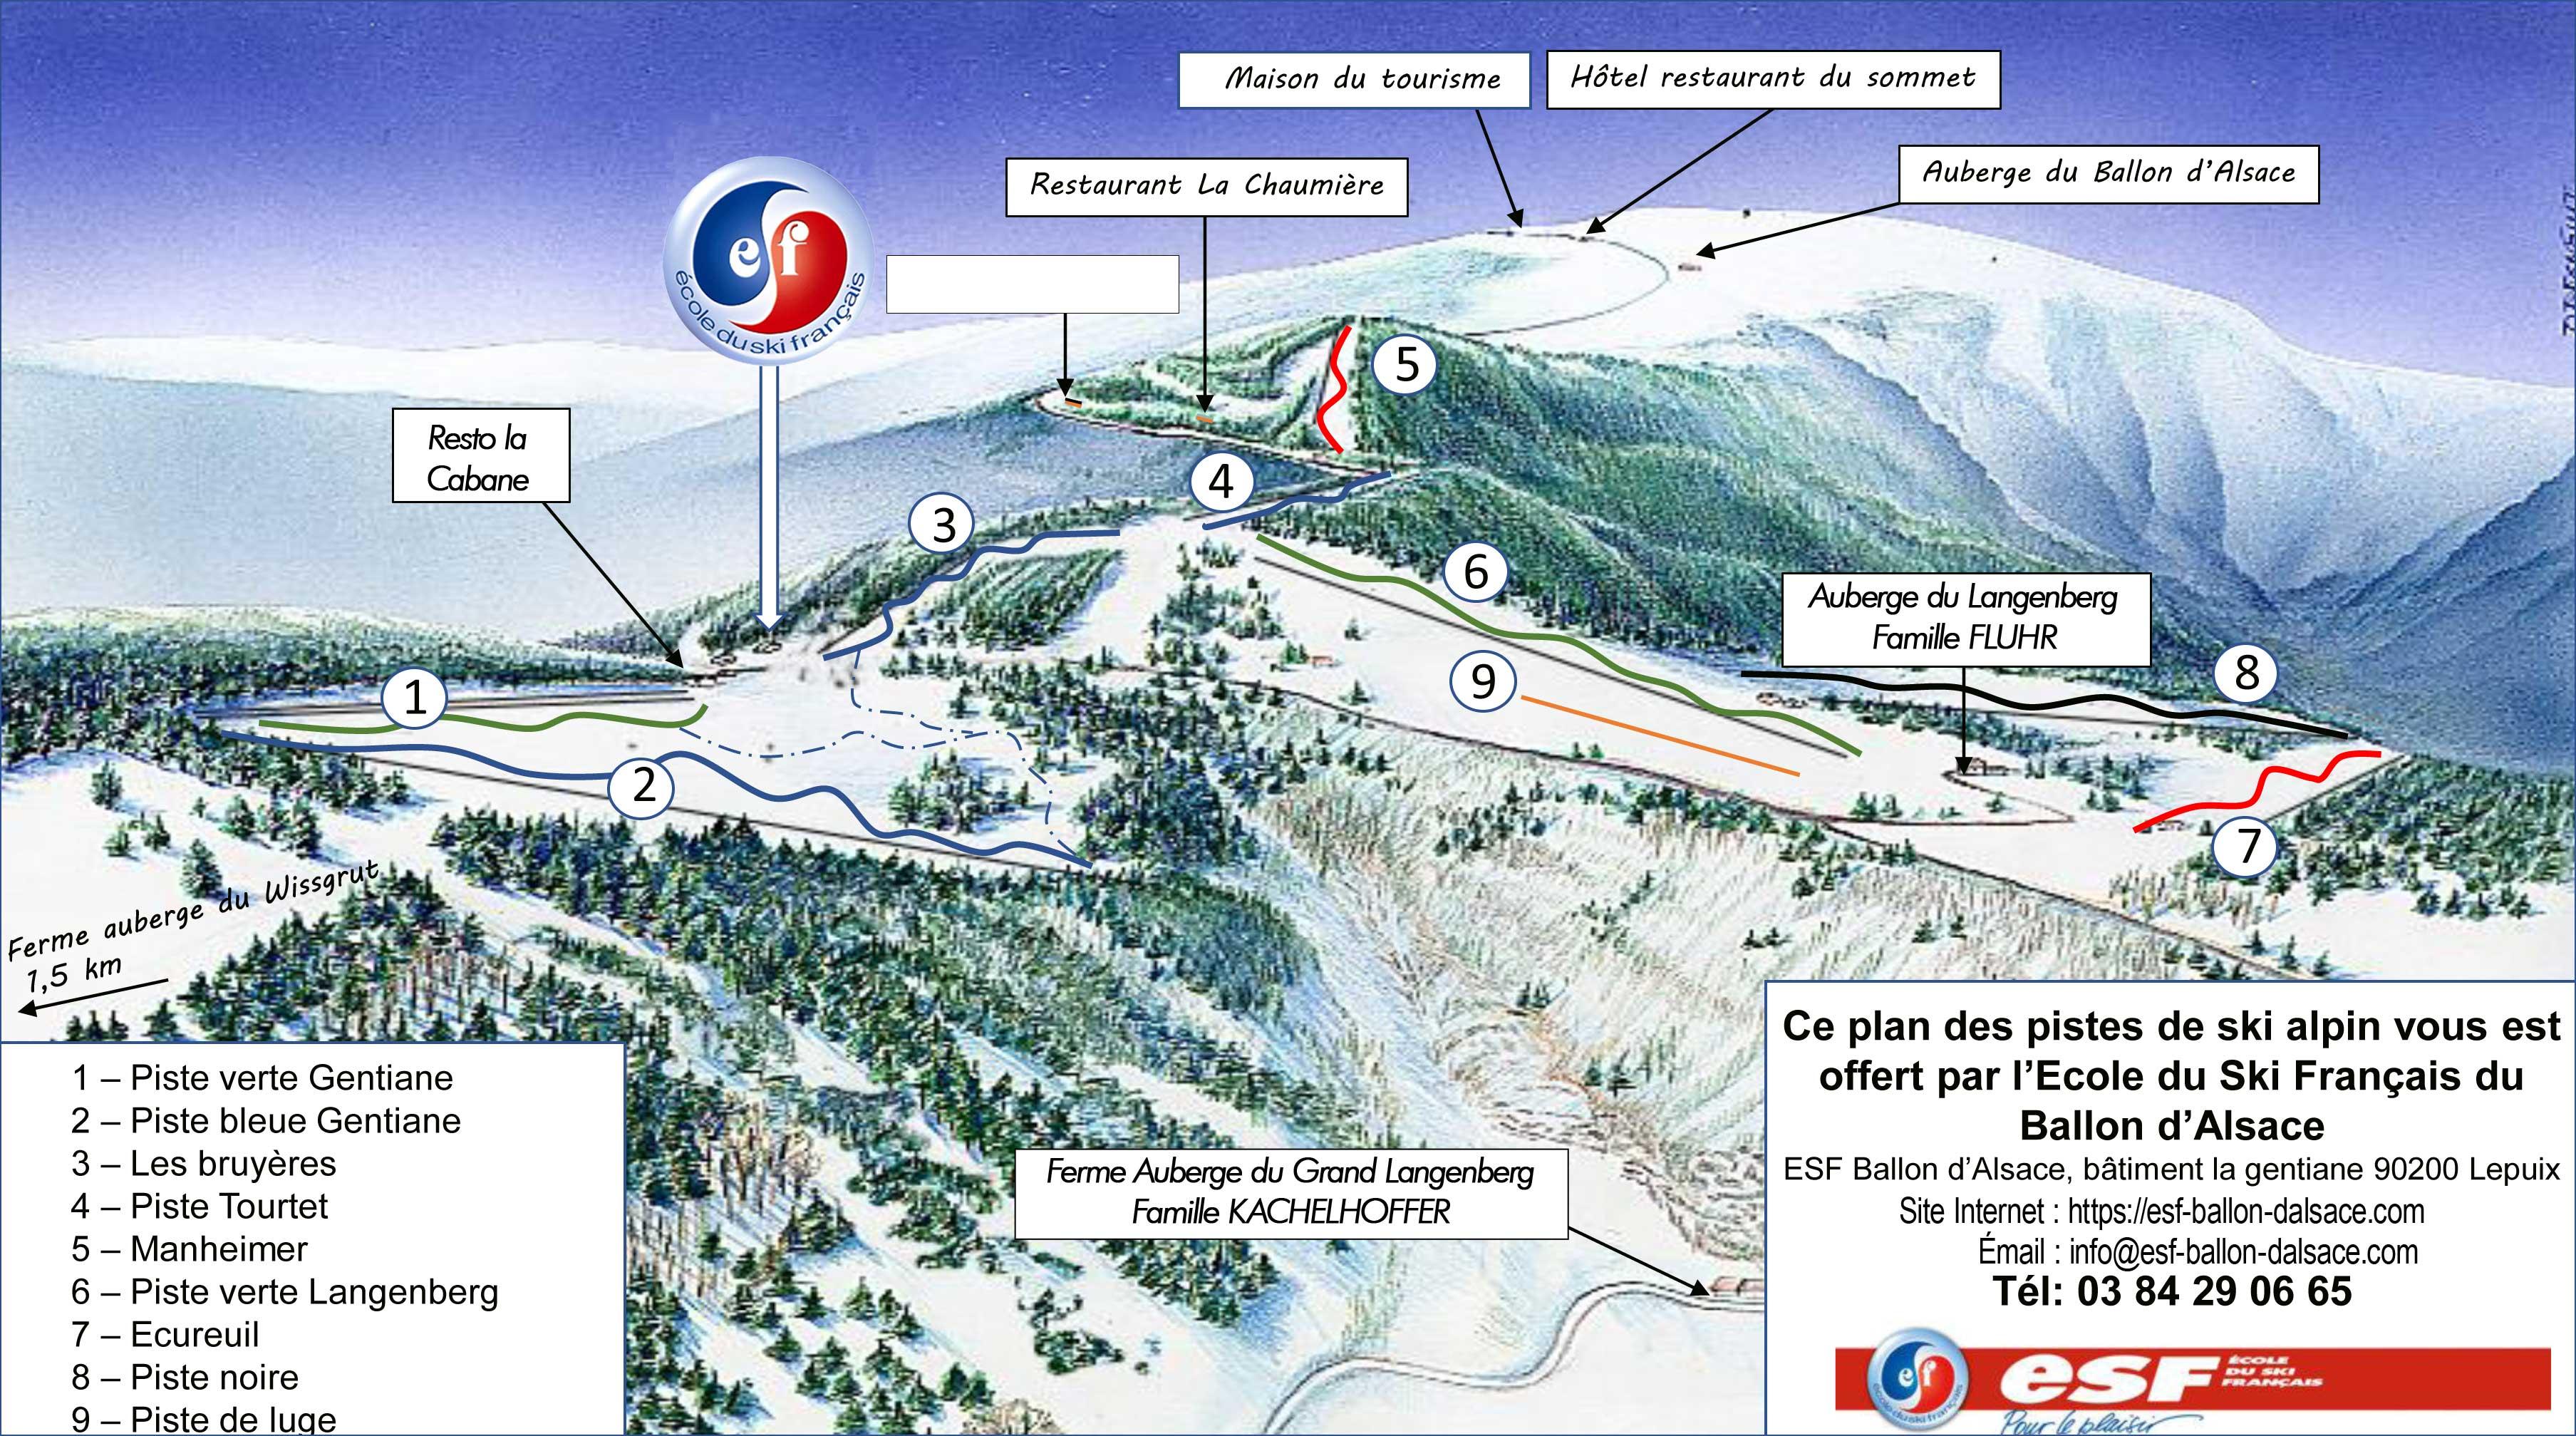 Plan des pistes offert par l'ESF du Ballon d'Alsace